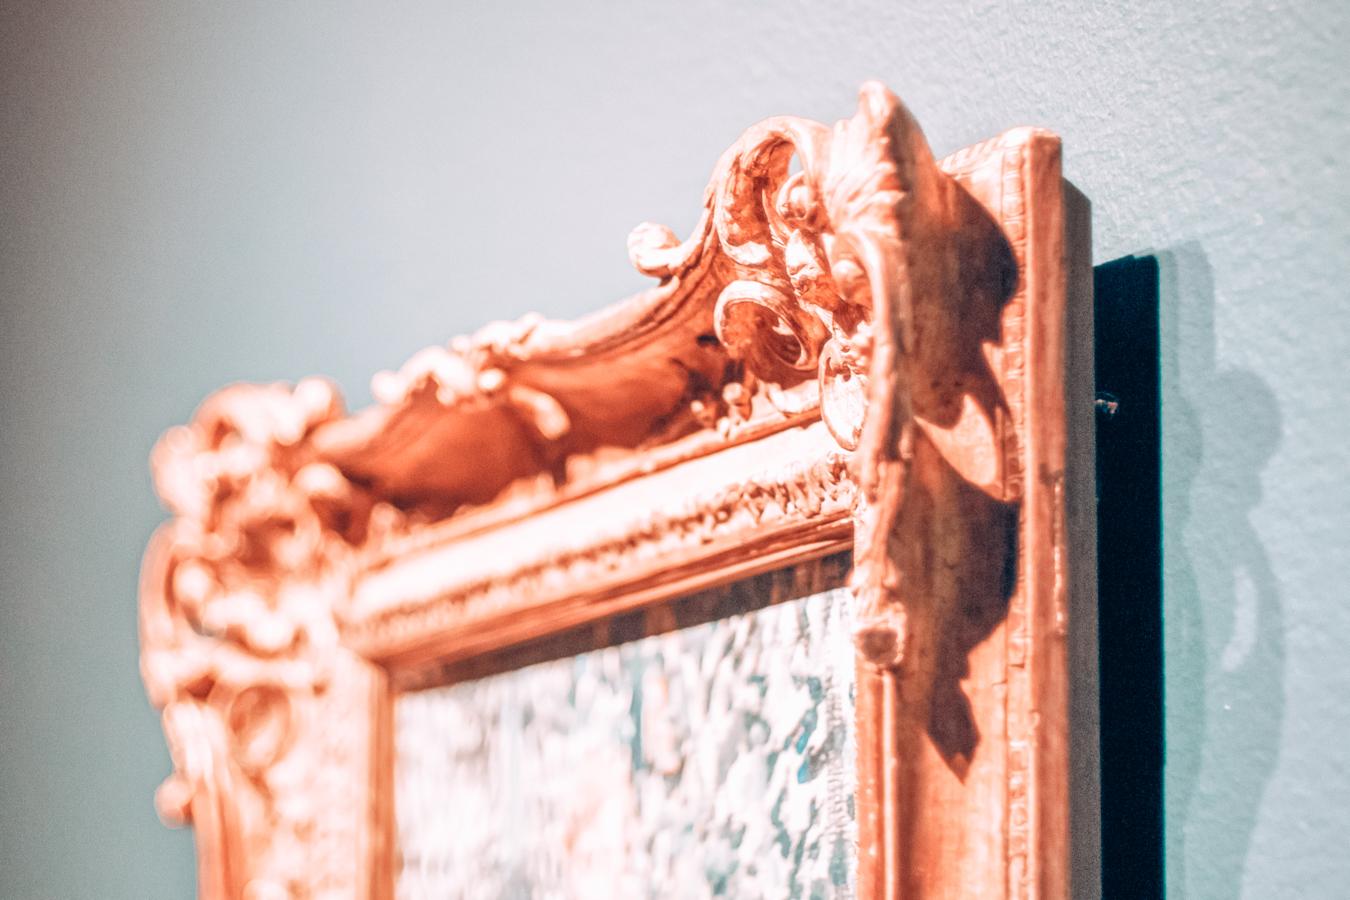 Artwork at Seattle Art Museum